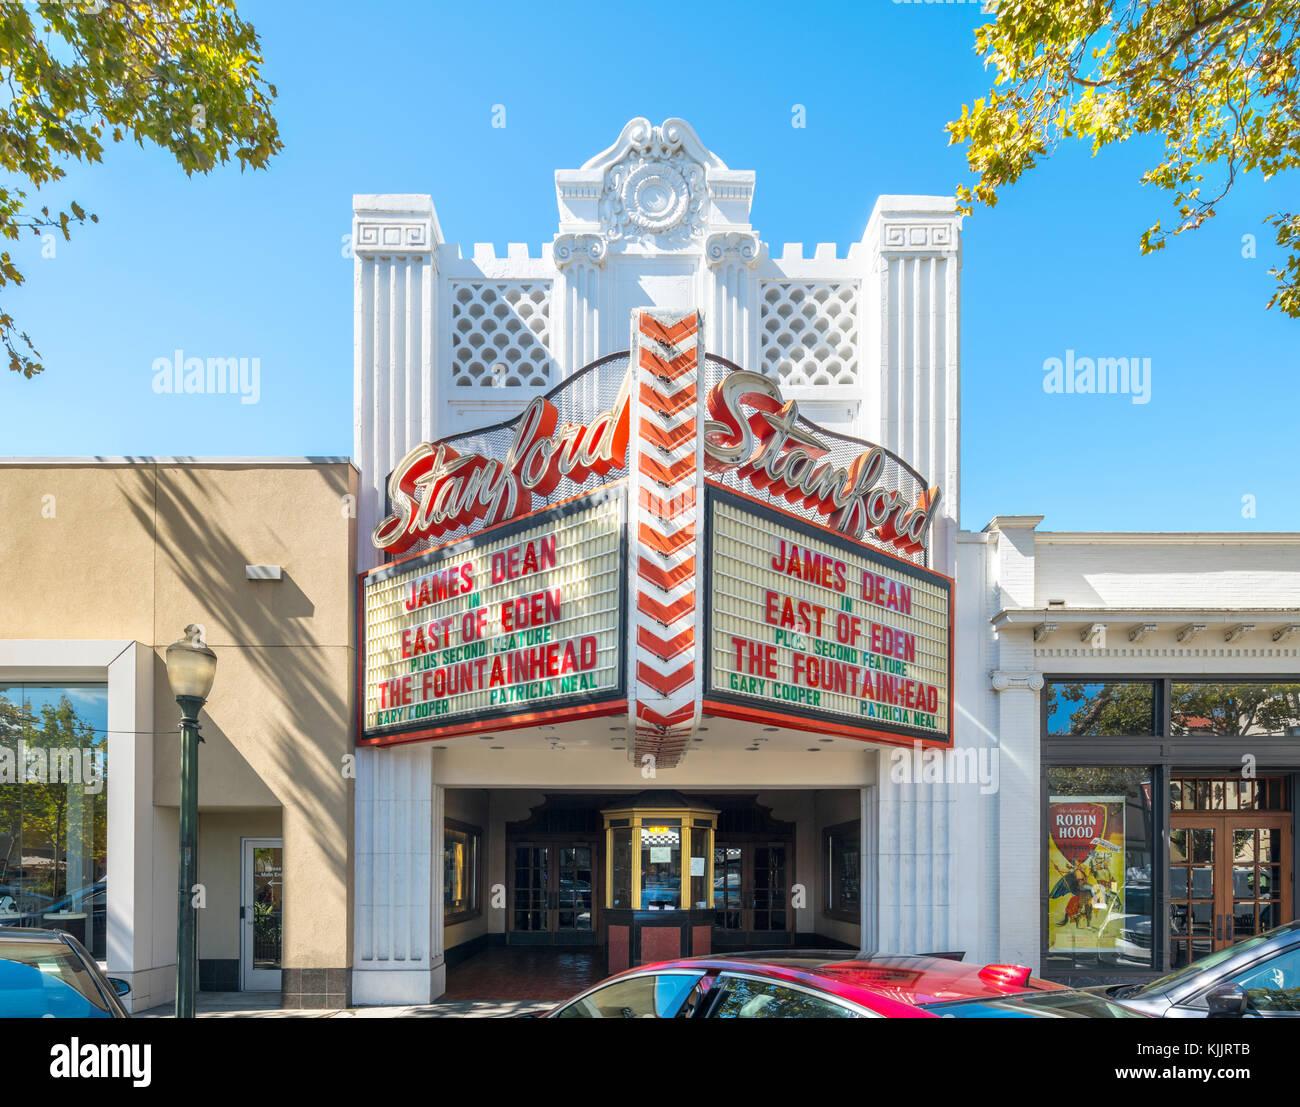 1925 Palo Alto Stanford Kino zeigen, Jenseits von Eden, mit James Dean und The Fountainhead von Ayn Rand mit Gary Stockbild